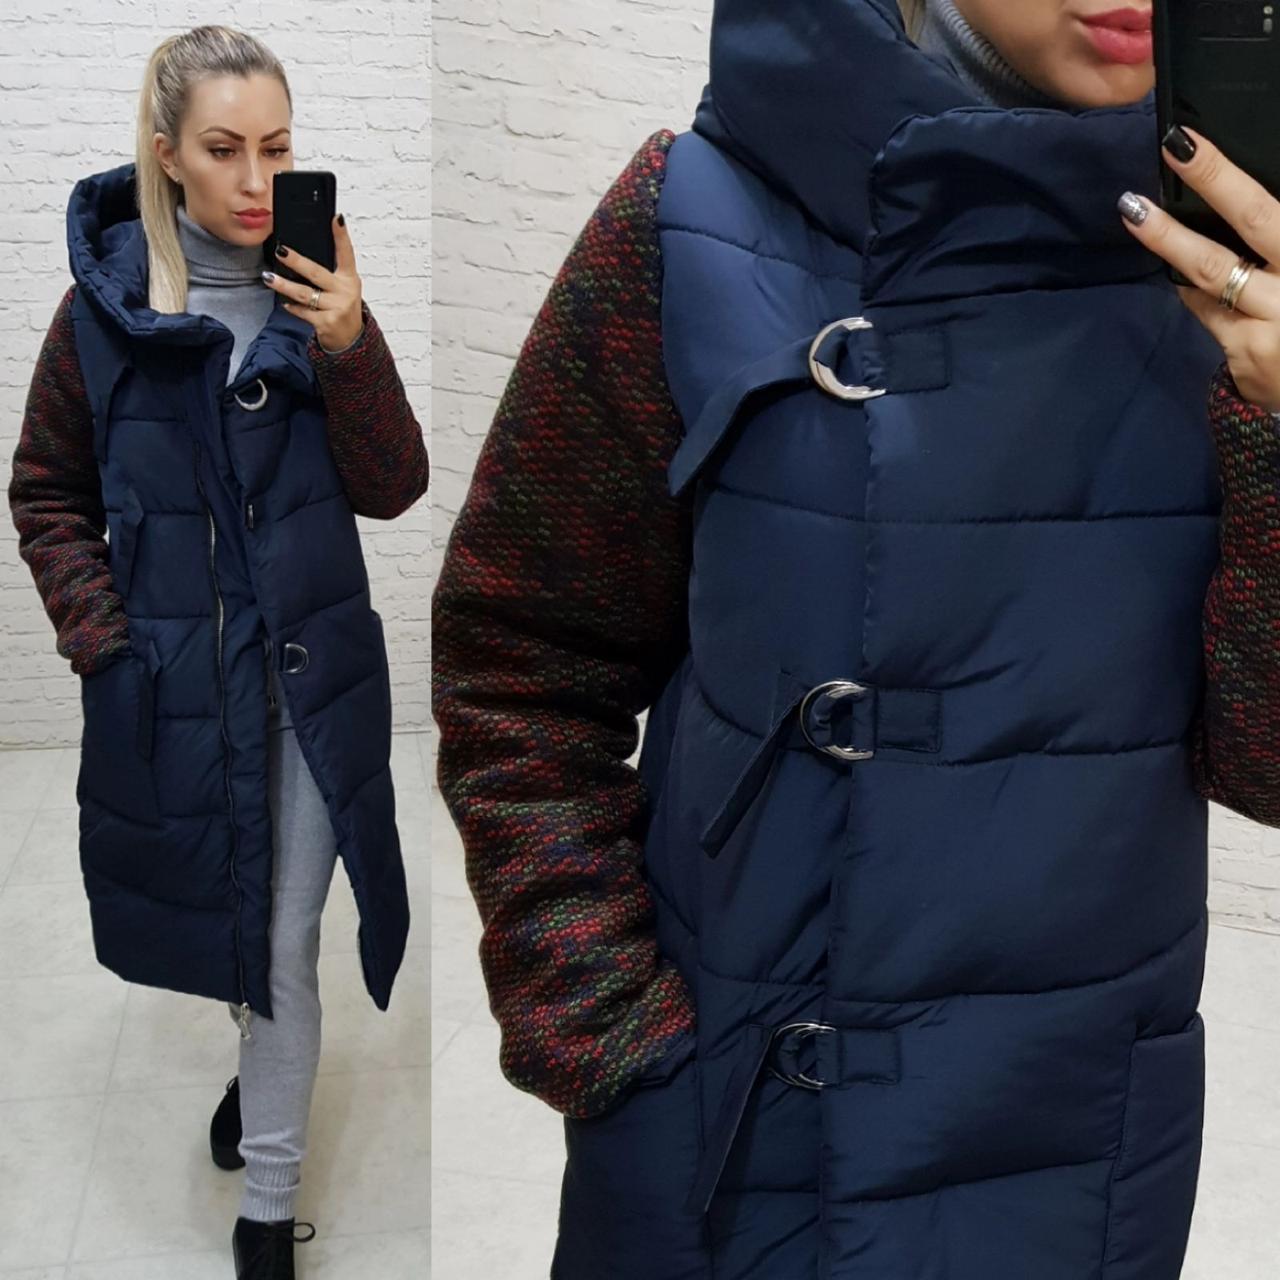 Новинка! Стильне тепле пальто пуховик на змійці і утепленим рукавом, арт 181, колір синій